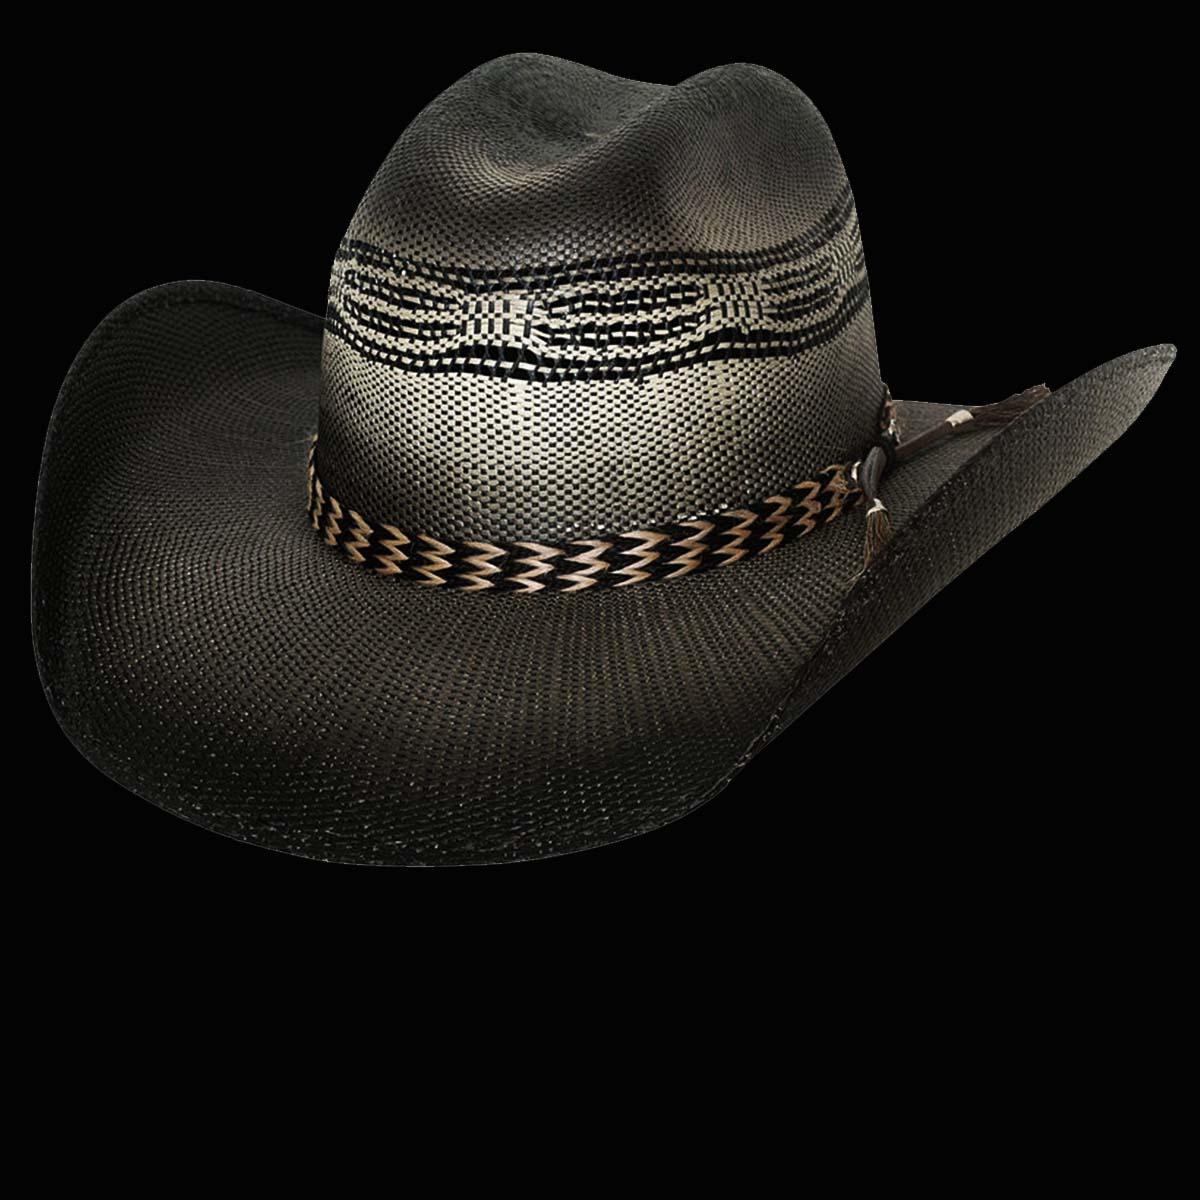 5b937896de8 ブルハイド ウエスタン ストローハット ライジングサンド(ブラック) Bullhide Western Straw Hat Raising Sand(Black)  ストローハット・メッシュハット